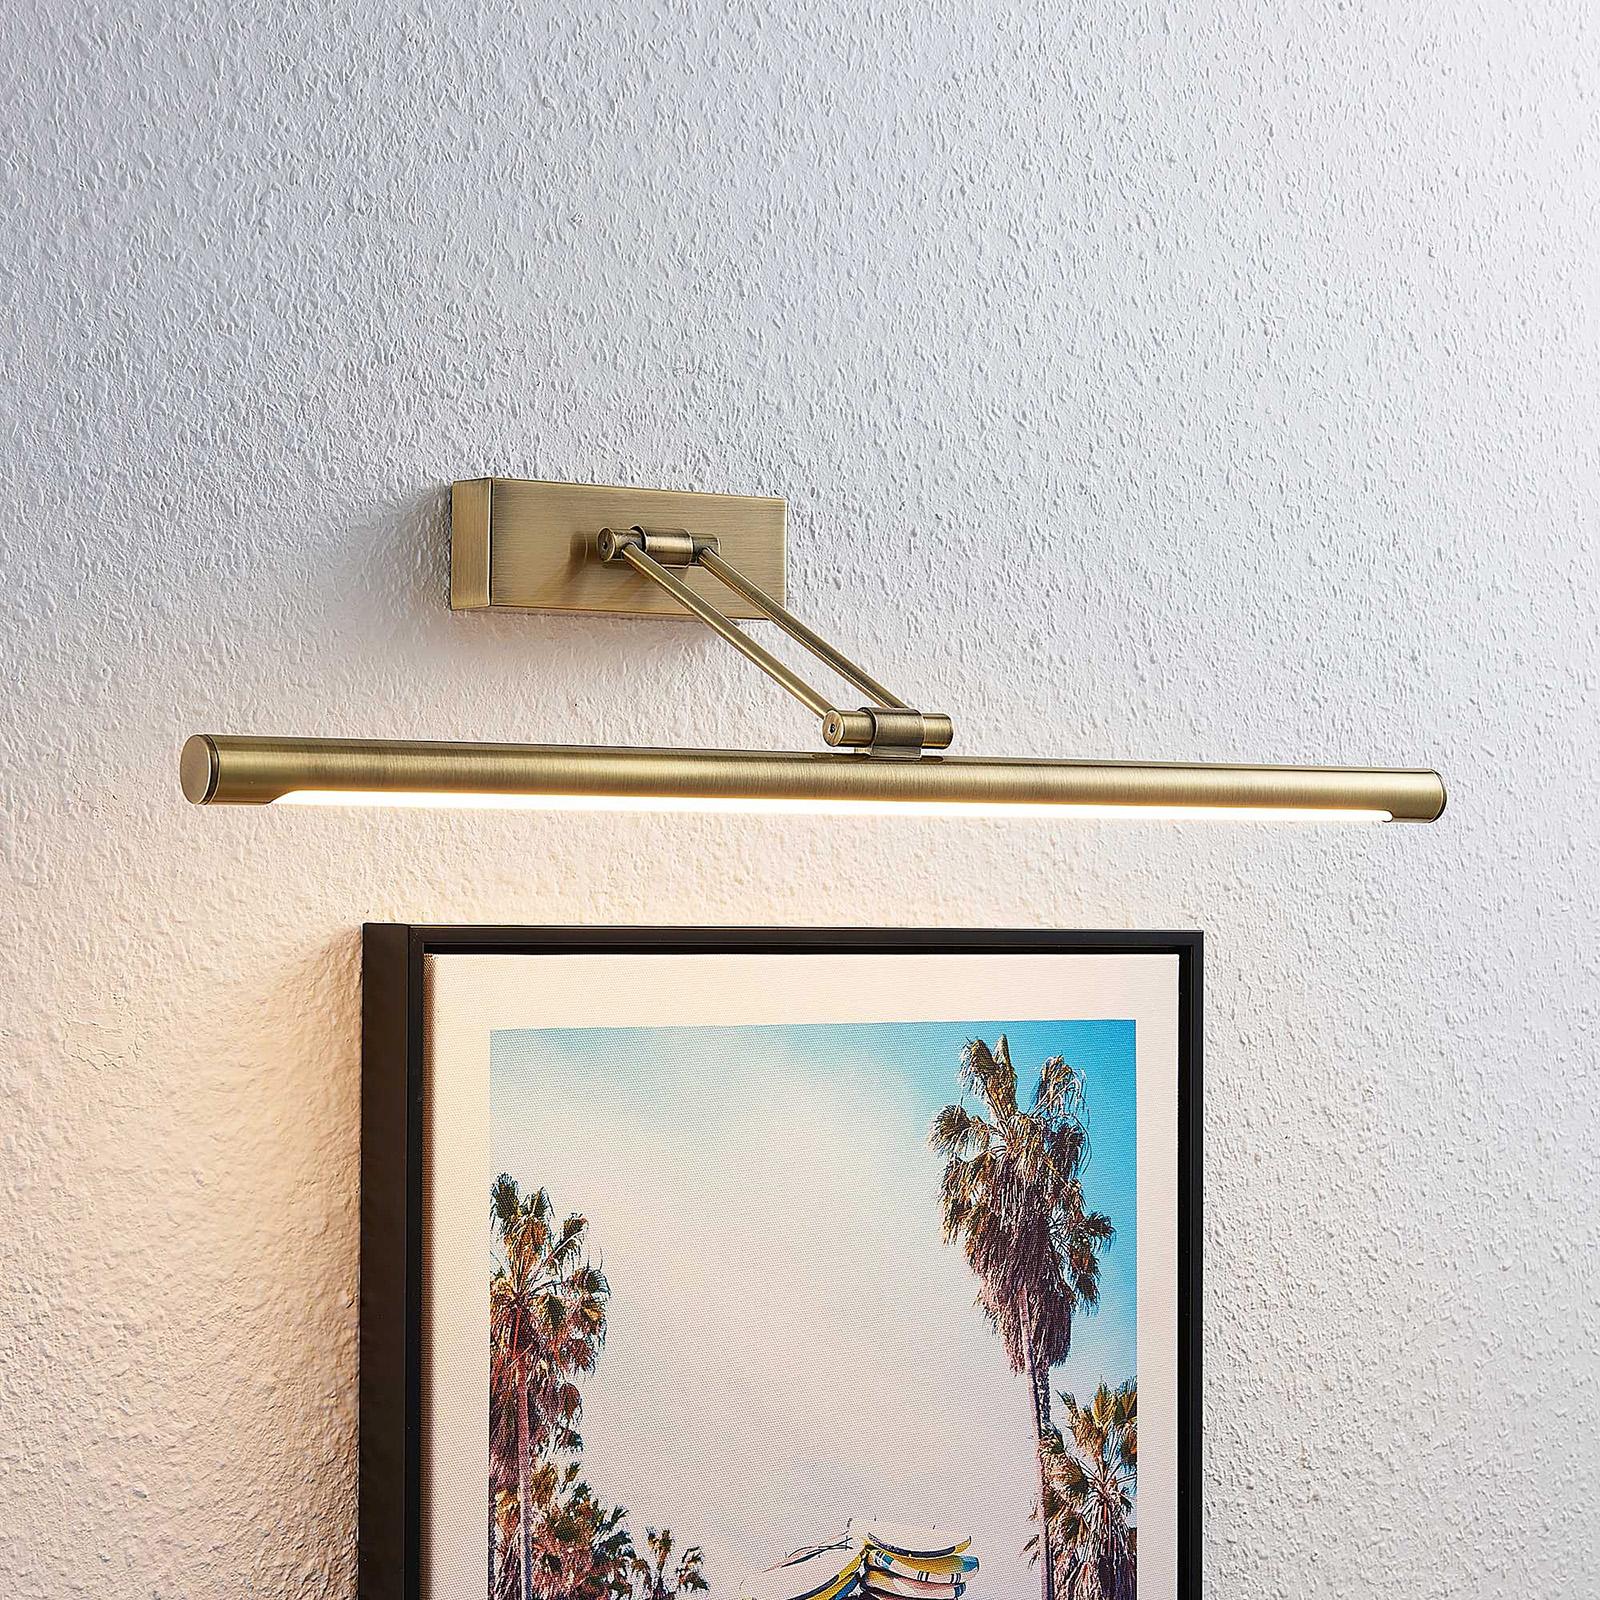 Lucande Dimitrij LED-gallerilampe i antik messing